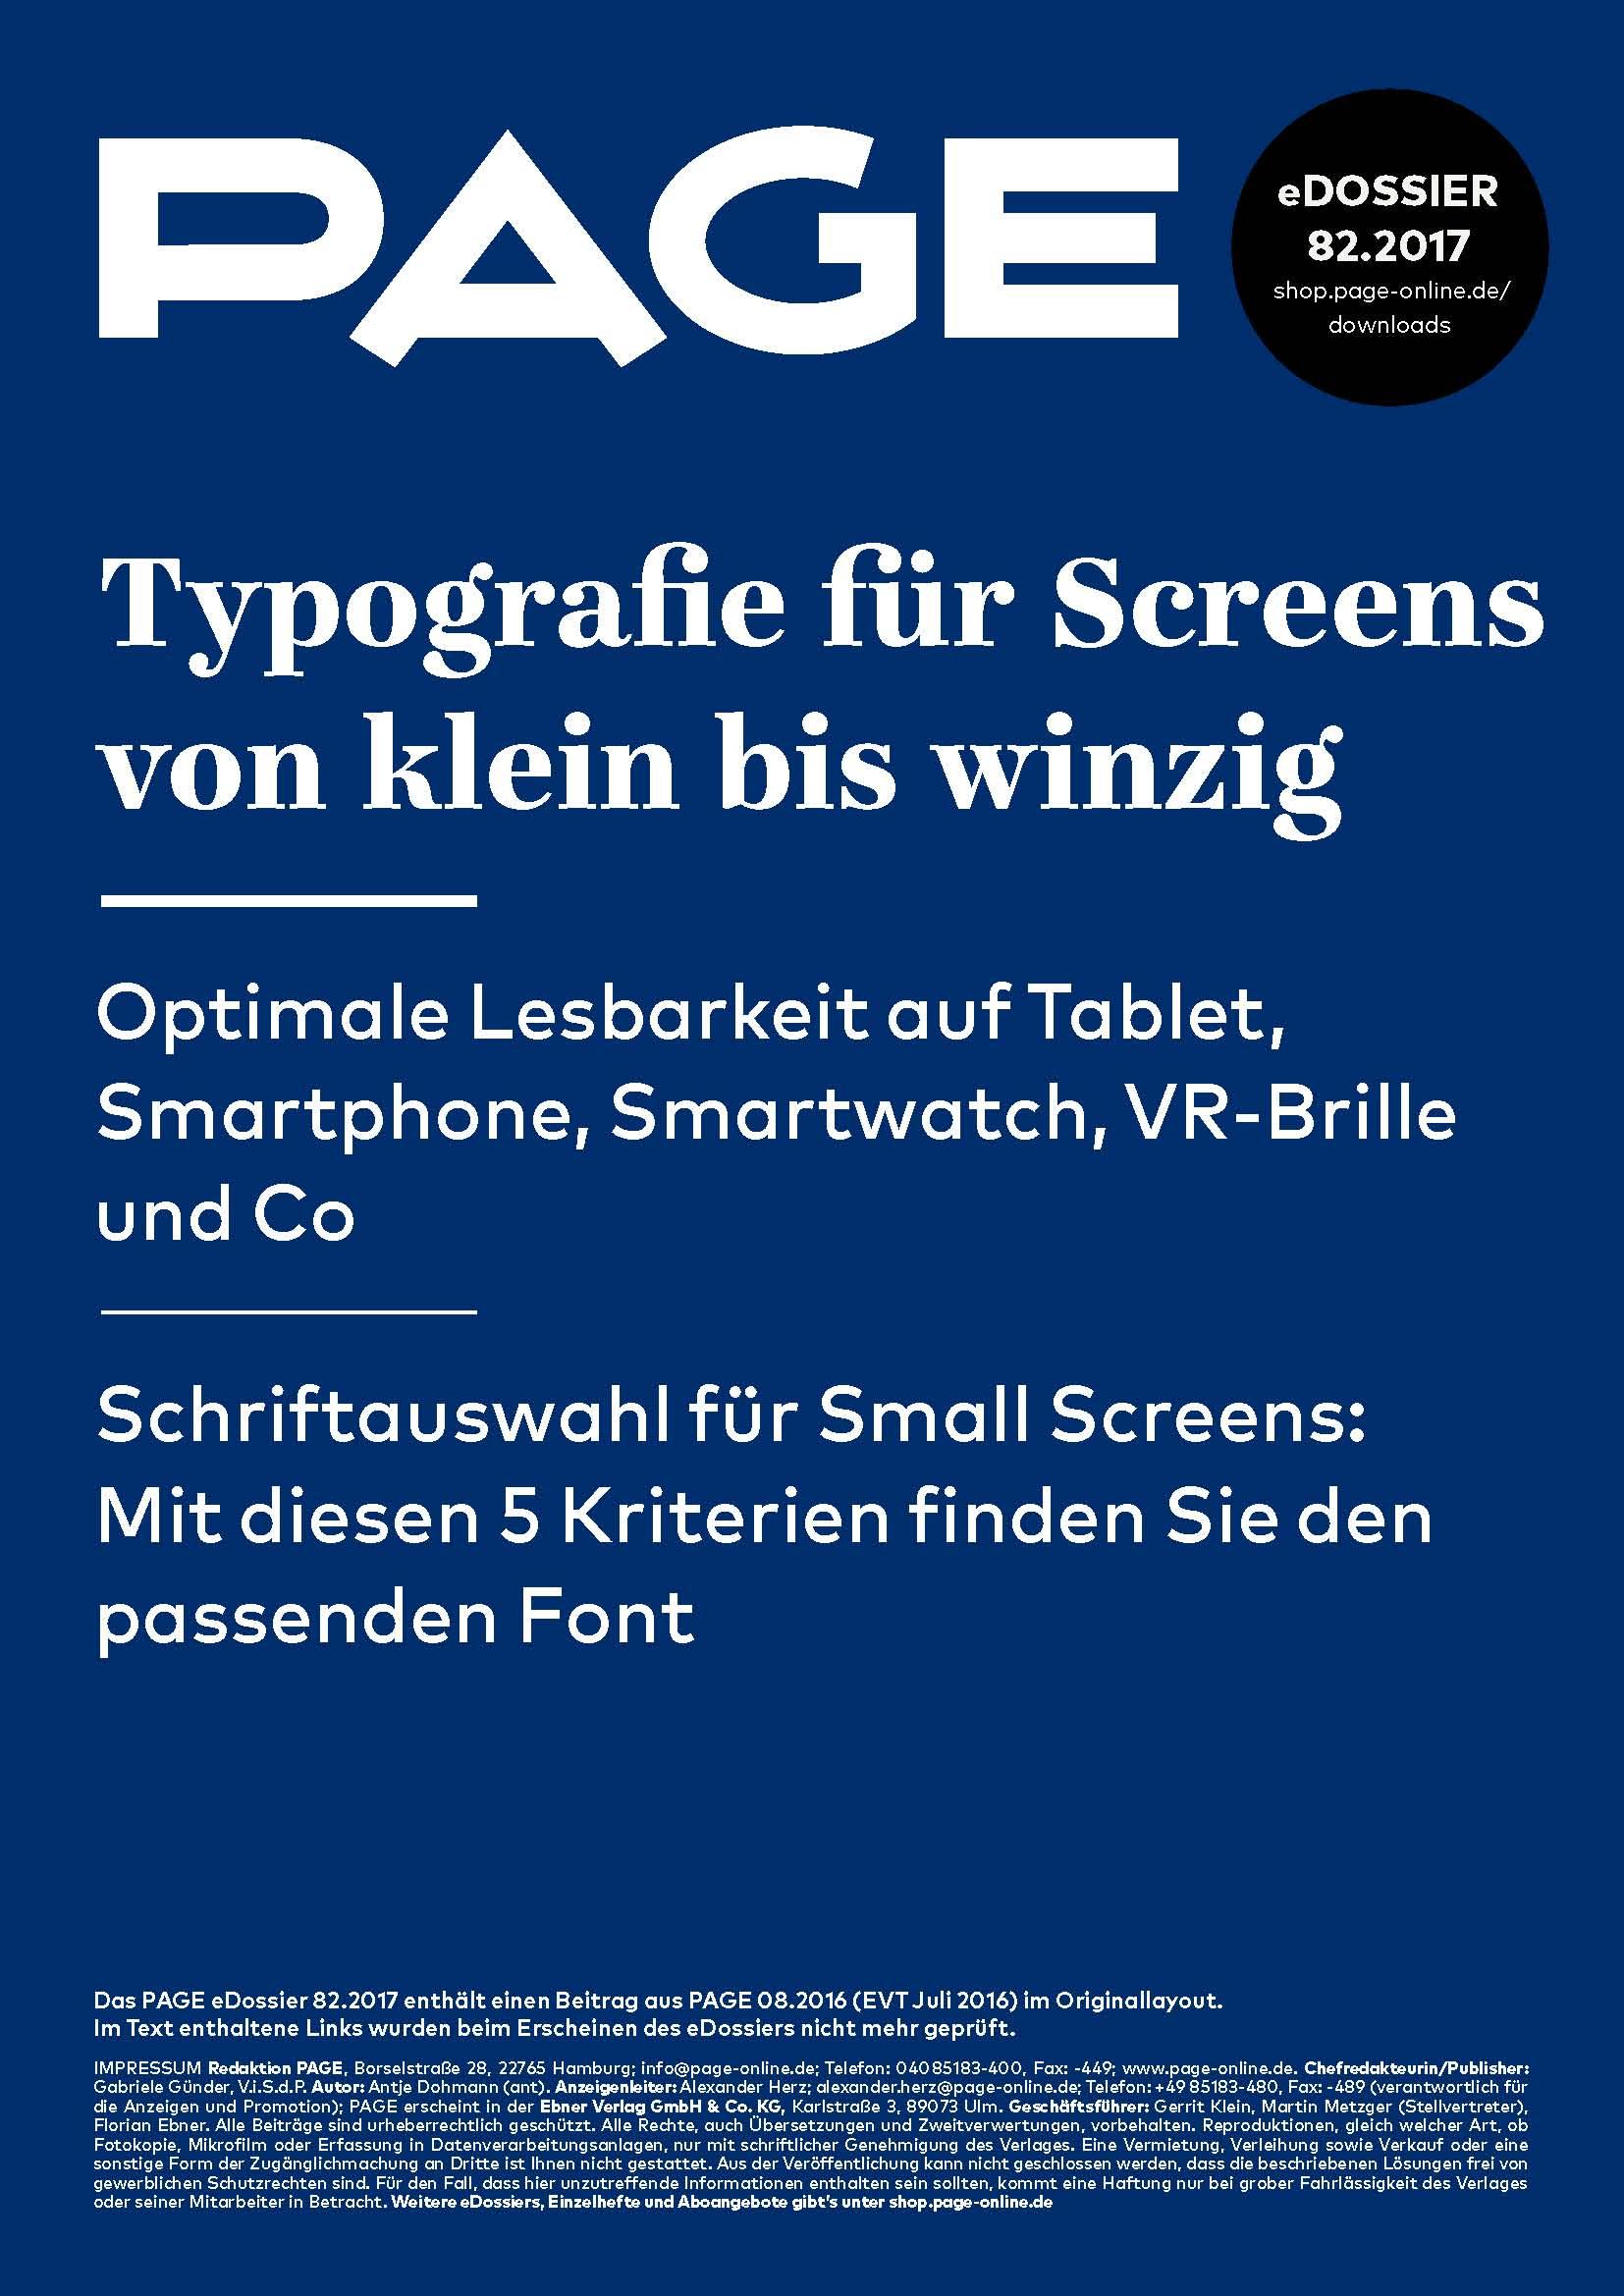 Produkt: eDossier »Typografie für Screens von klein bis winzig«